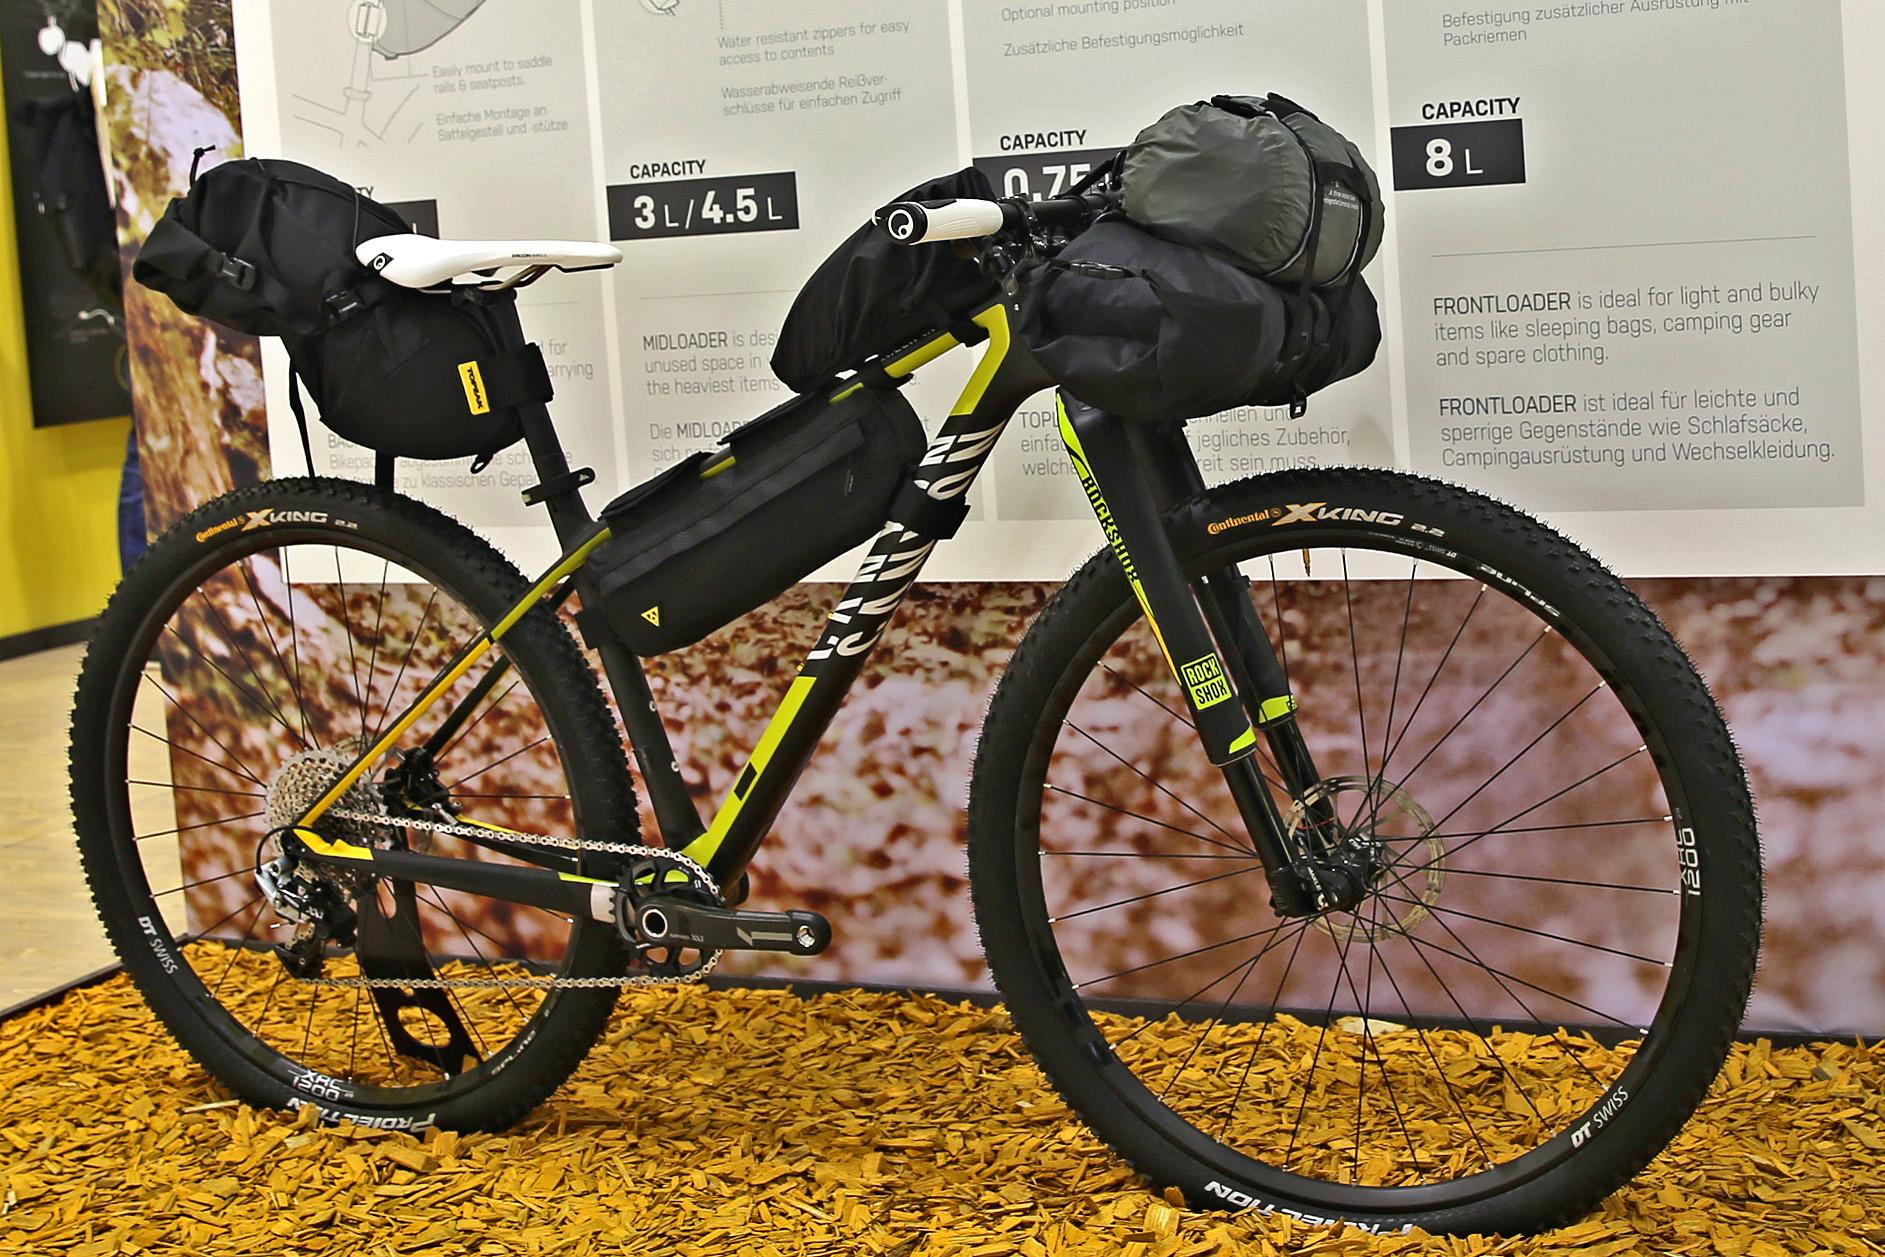 A legújabb trend a BikePacking, vagyis a kalandtúra!